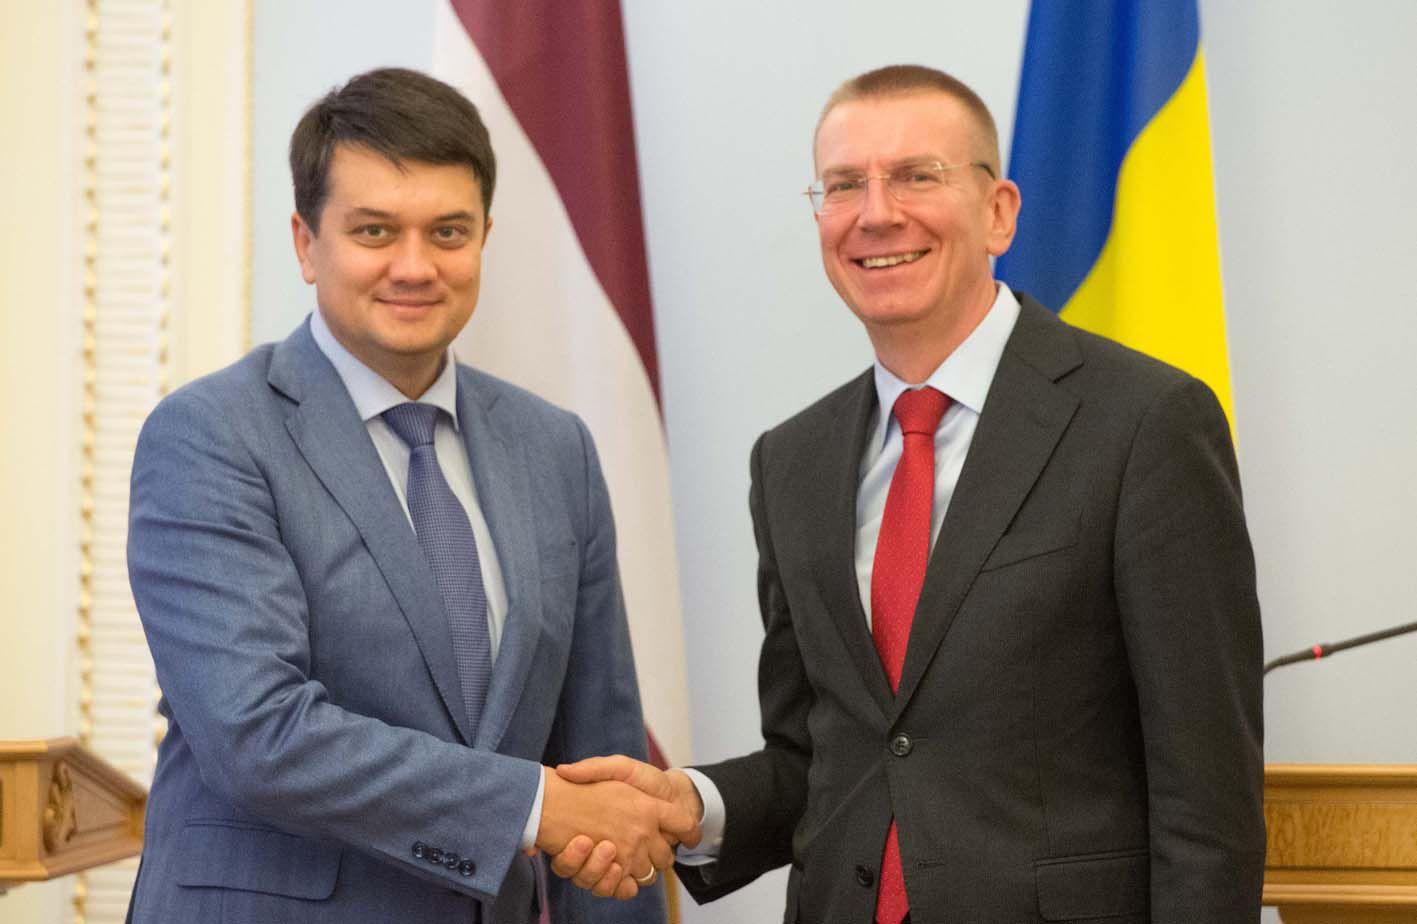 Цінуємо підтримку та принципову позицію Латвії у ПАРЄ